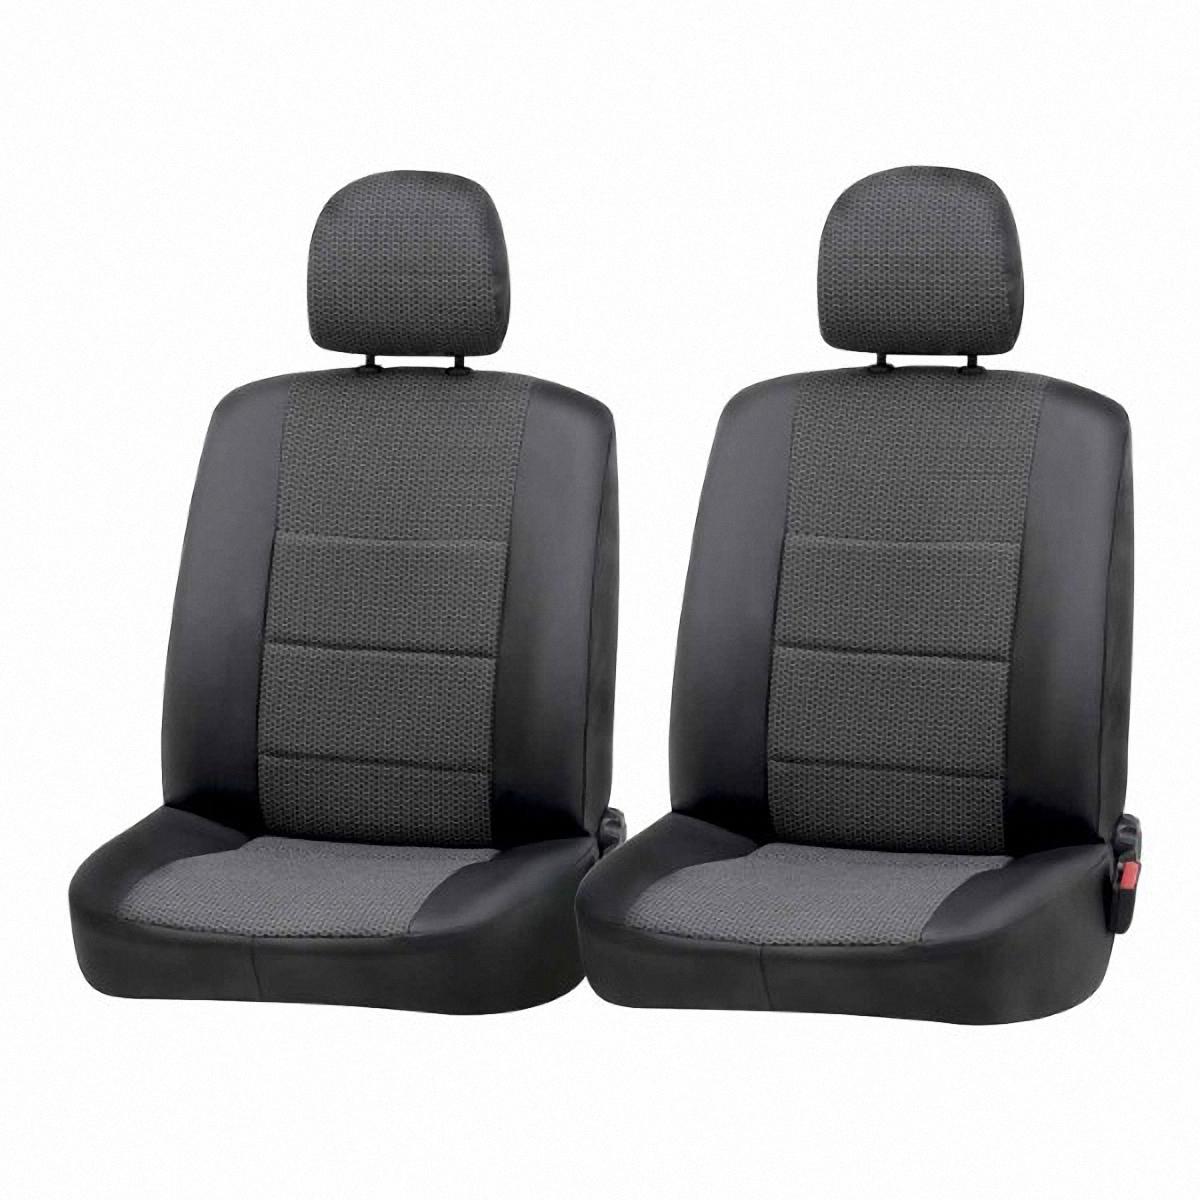 Чехлы автомобильные Skyway, для Chevrolet Niva 2014-, раздельный задний рядFS-80423Автомобильные чехлы Skyway изготовлены из качественного жаккарда и экокожи. Чехлы идеально повторяют штатную форму сидений и выглядят как оригинальная обивка сидений. Разработаны индивидуально для каждой модели автомобиля. Авточехлы Skyway просты в уходе - загрязнения легко удаляются влажной тканью. Чехлы имеют раздельную схему надевания.В комплекте 12 предметов.